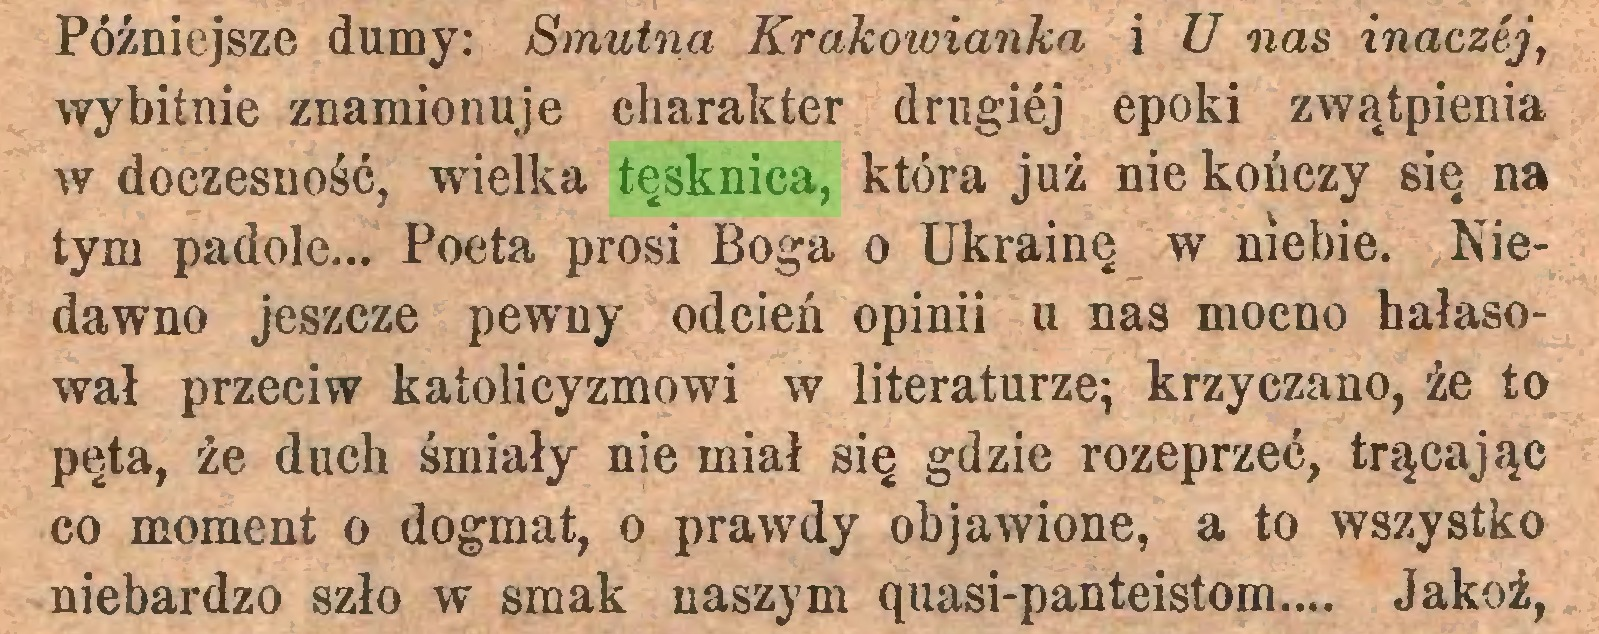 (...) Późniejsze dumy: Smutna Krakowianka i U nas inaczej, wybitnie znamionuje charakter drugiej epoki zwątpienia w doczesność, wielka tęsknica, która już nie kończy się na tym padole... Poeta prosi Boga o Ukrainę w niebie. Niedawno jeszcze pewny odcień opinii u nas mocno hałasował przeciw katolicyzmowi w literaturze; krzyczano, że to pęta, że duch śmiały nie miał się gdzie rozeprzeć, trącając co moment o dogmat, o prawdy objawione, a to wszystko niebardzo szło w smak naszym ąuasi-panteistom... Jakoż,...